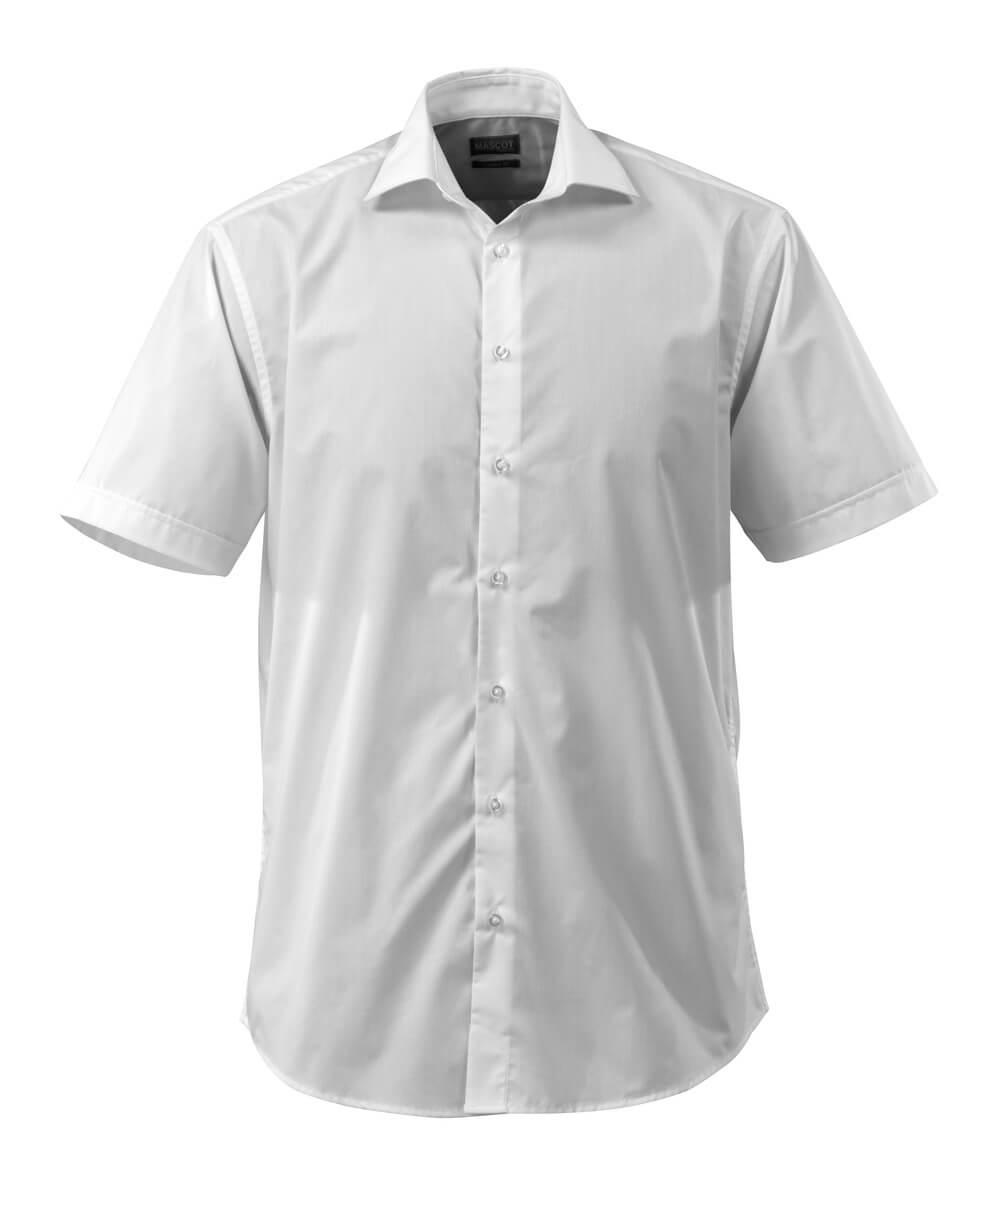 50632-984-06 Overhemd, met korte mouwen - wit